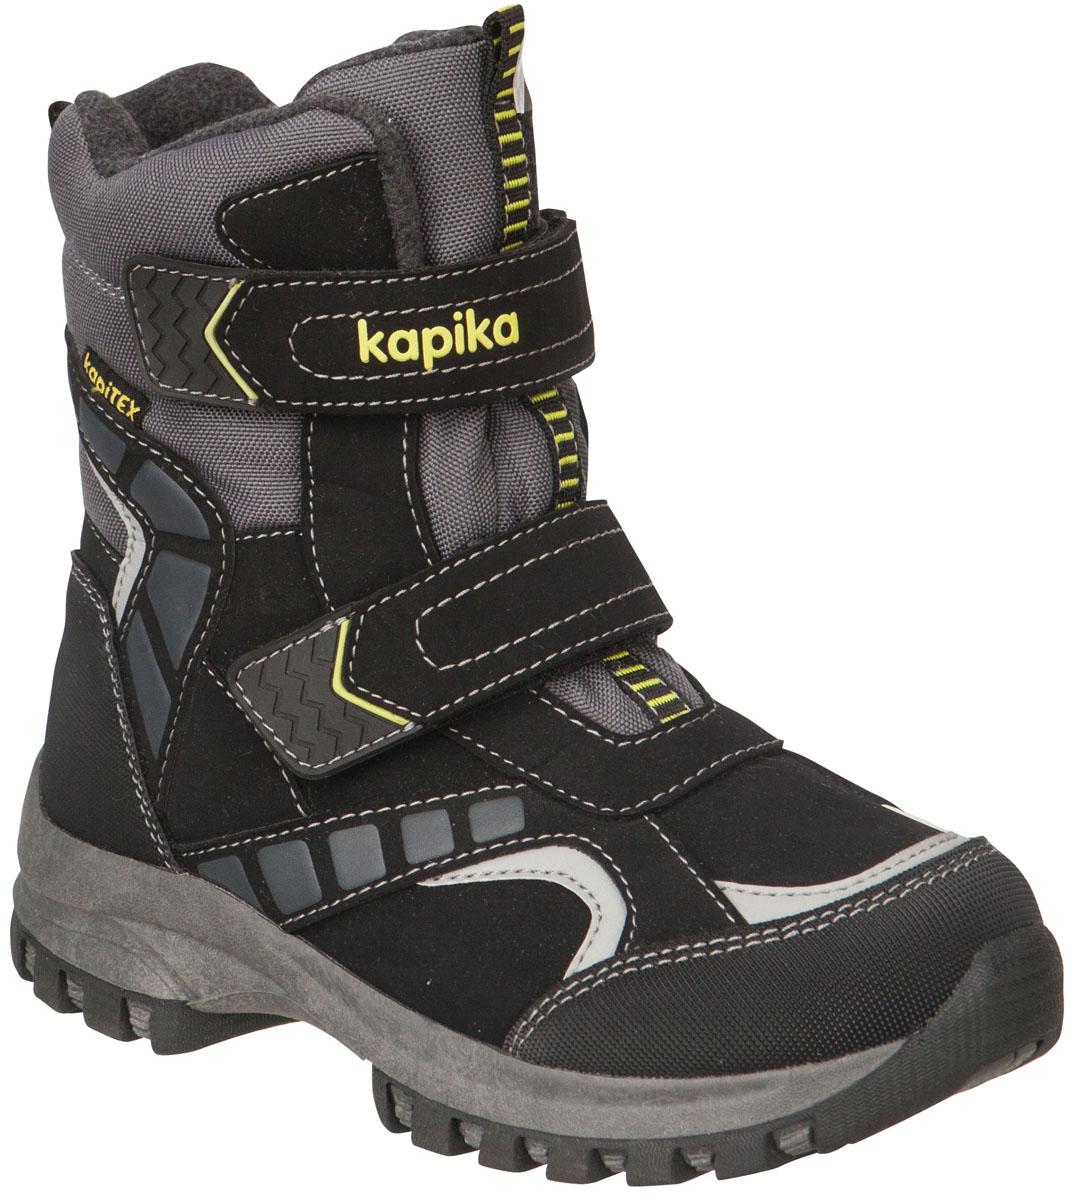 42159-1Легкие, удобные и теплые ботинки от Kapika выполнены из мембранных материалов и искусственной кожи. Два ремешка на застежках-липучках надежно фиксируют изделие на ноге. Мягкая подкладка и стелька из шерсти обеспечивают тепло, циркуляцию воздуха и сохраняют комфортный микроклимат в обуви. Подошва с протектором гарантирует идеальное сцепление с любыми поверхностями. Идеальная зимняя обувь для активных детей. Модель большемерит на половину размера.